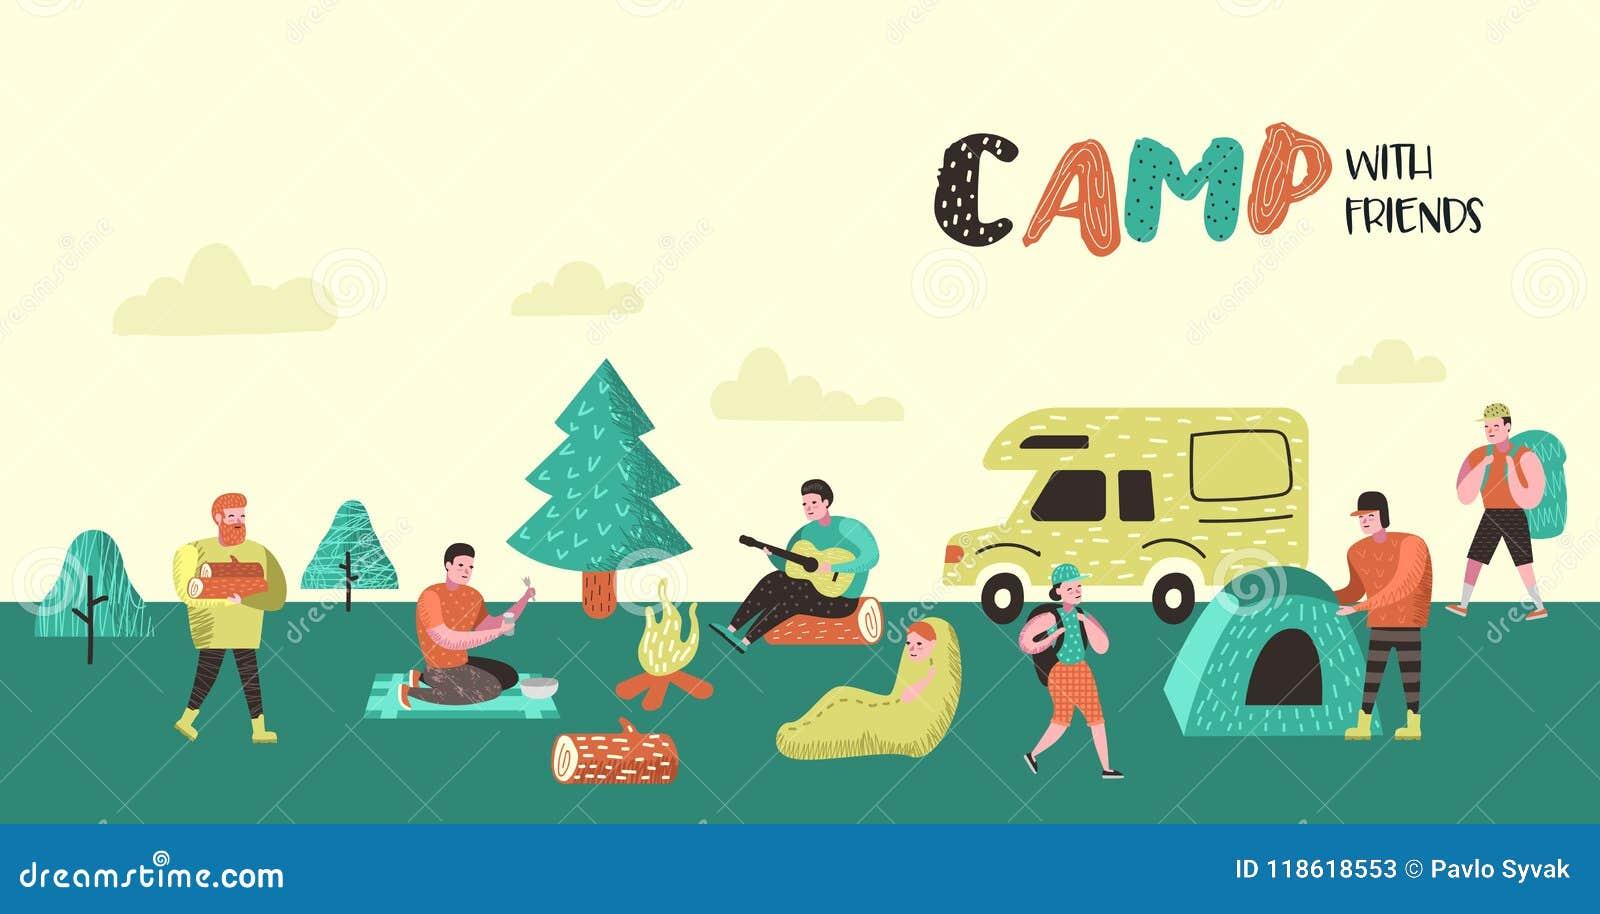 Αφίσα θερινής στρατοπέδευσης, έμβλημα Άνθρωποι χαρακτηρών κινουμένων σχεδίων στο υπόβαθρο στρατόπεδων Εξοπλισμός ταξιδιού, πυρά π